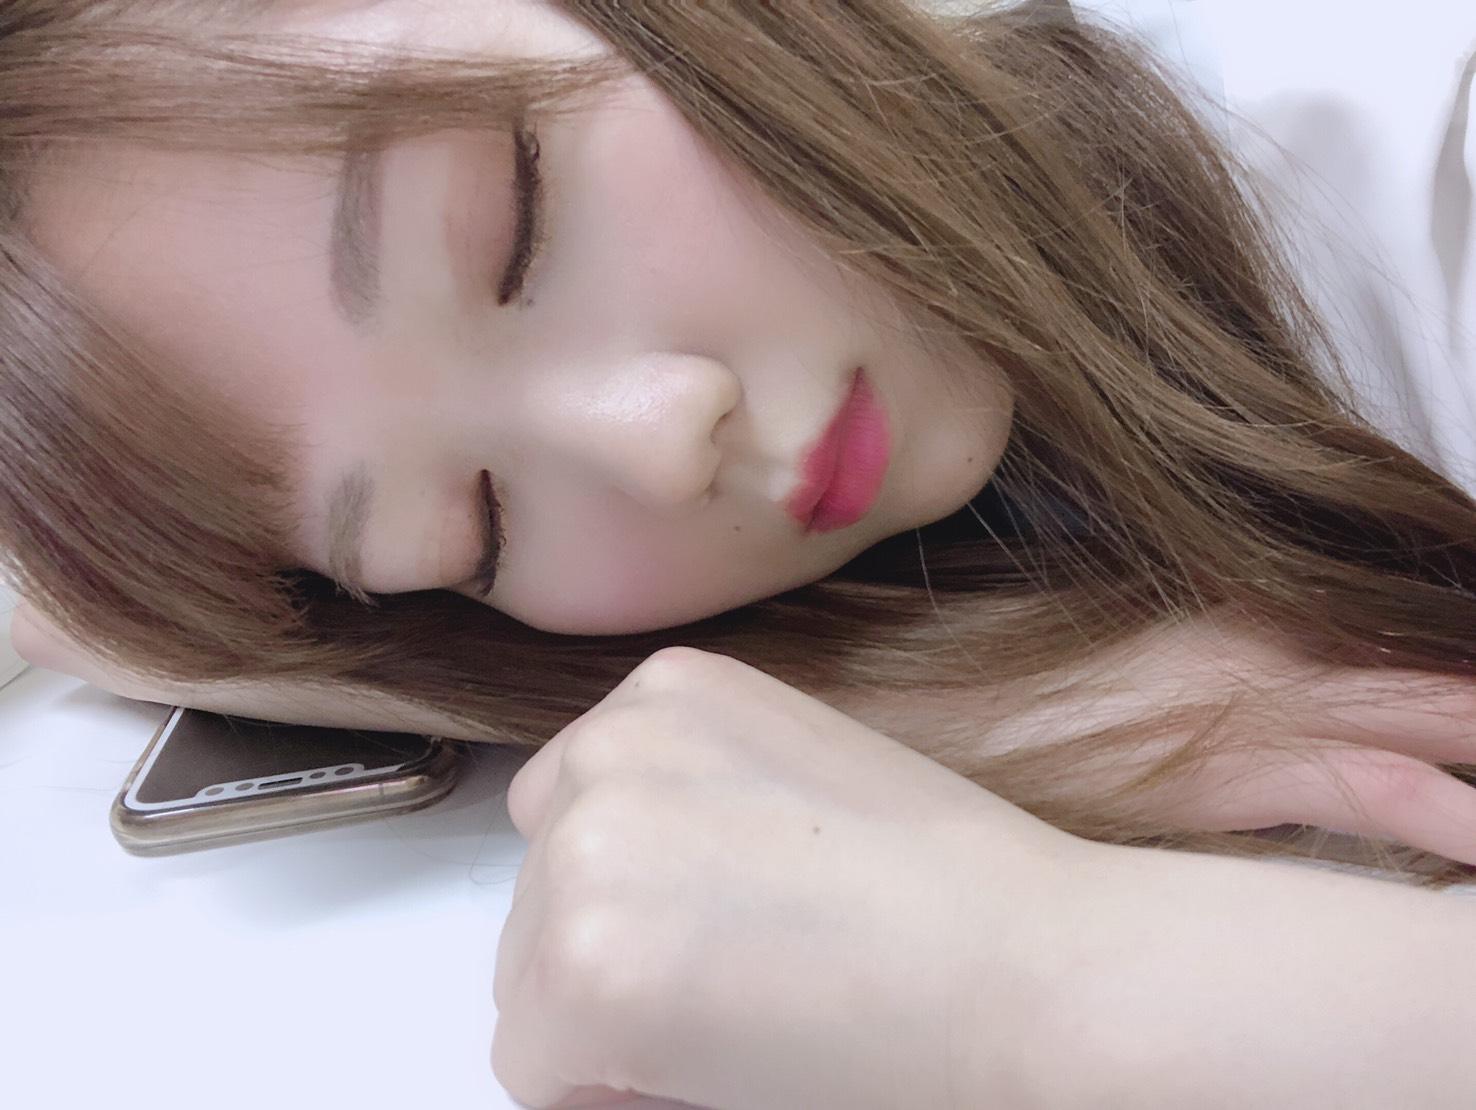 お手をしながら睡眠とは…破壊力、、、